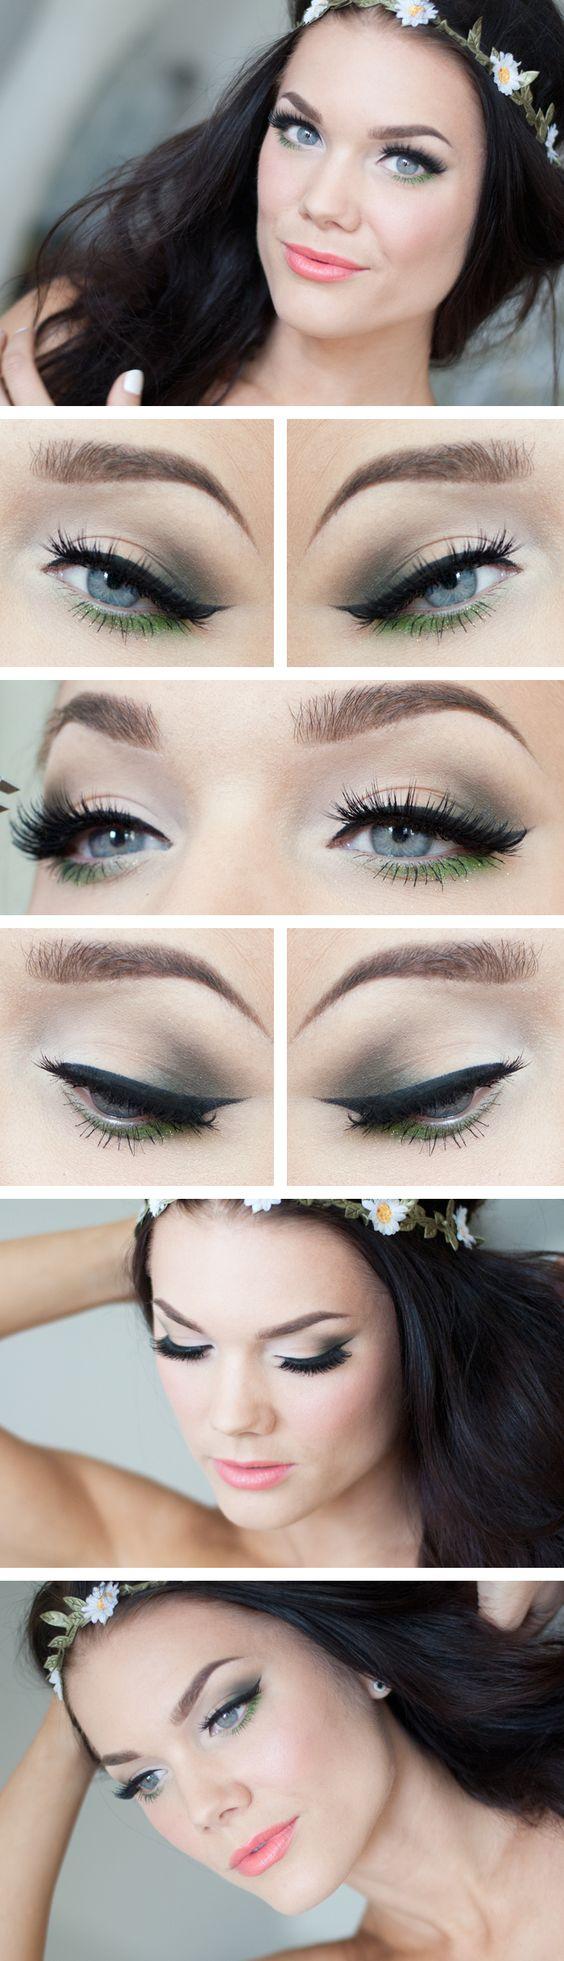 Occhi da gatta con eye liner e matita verde. Scopri come realizzare questo #makeup con le migliori #collezioni >> http://www.youglamour.it/category/bellezza/make-up-2/